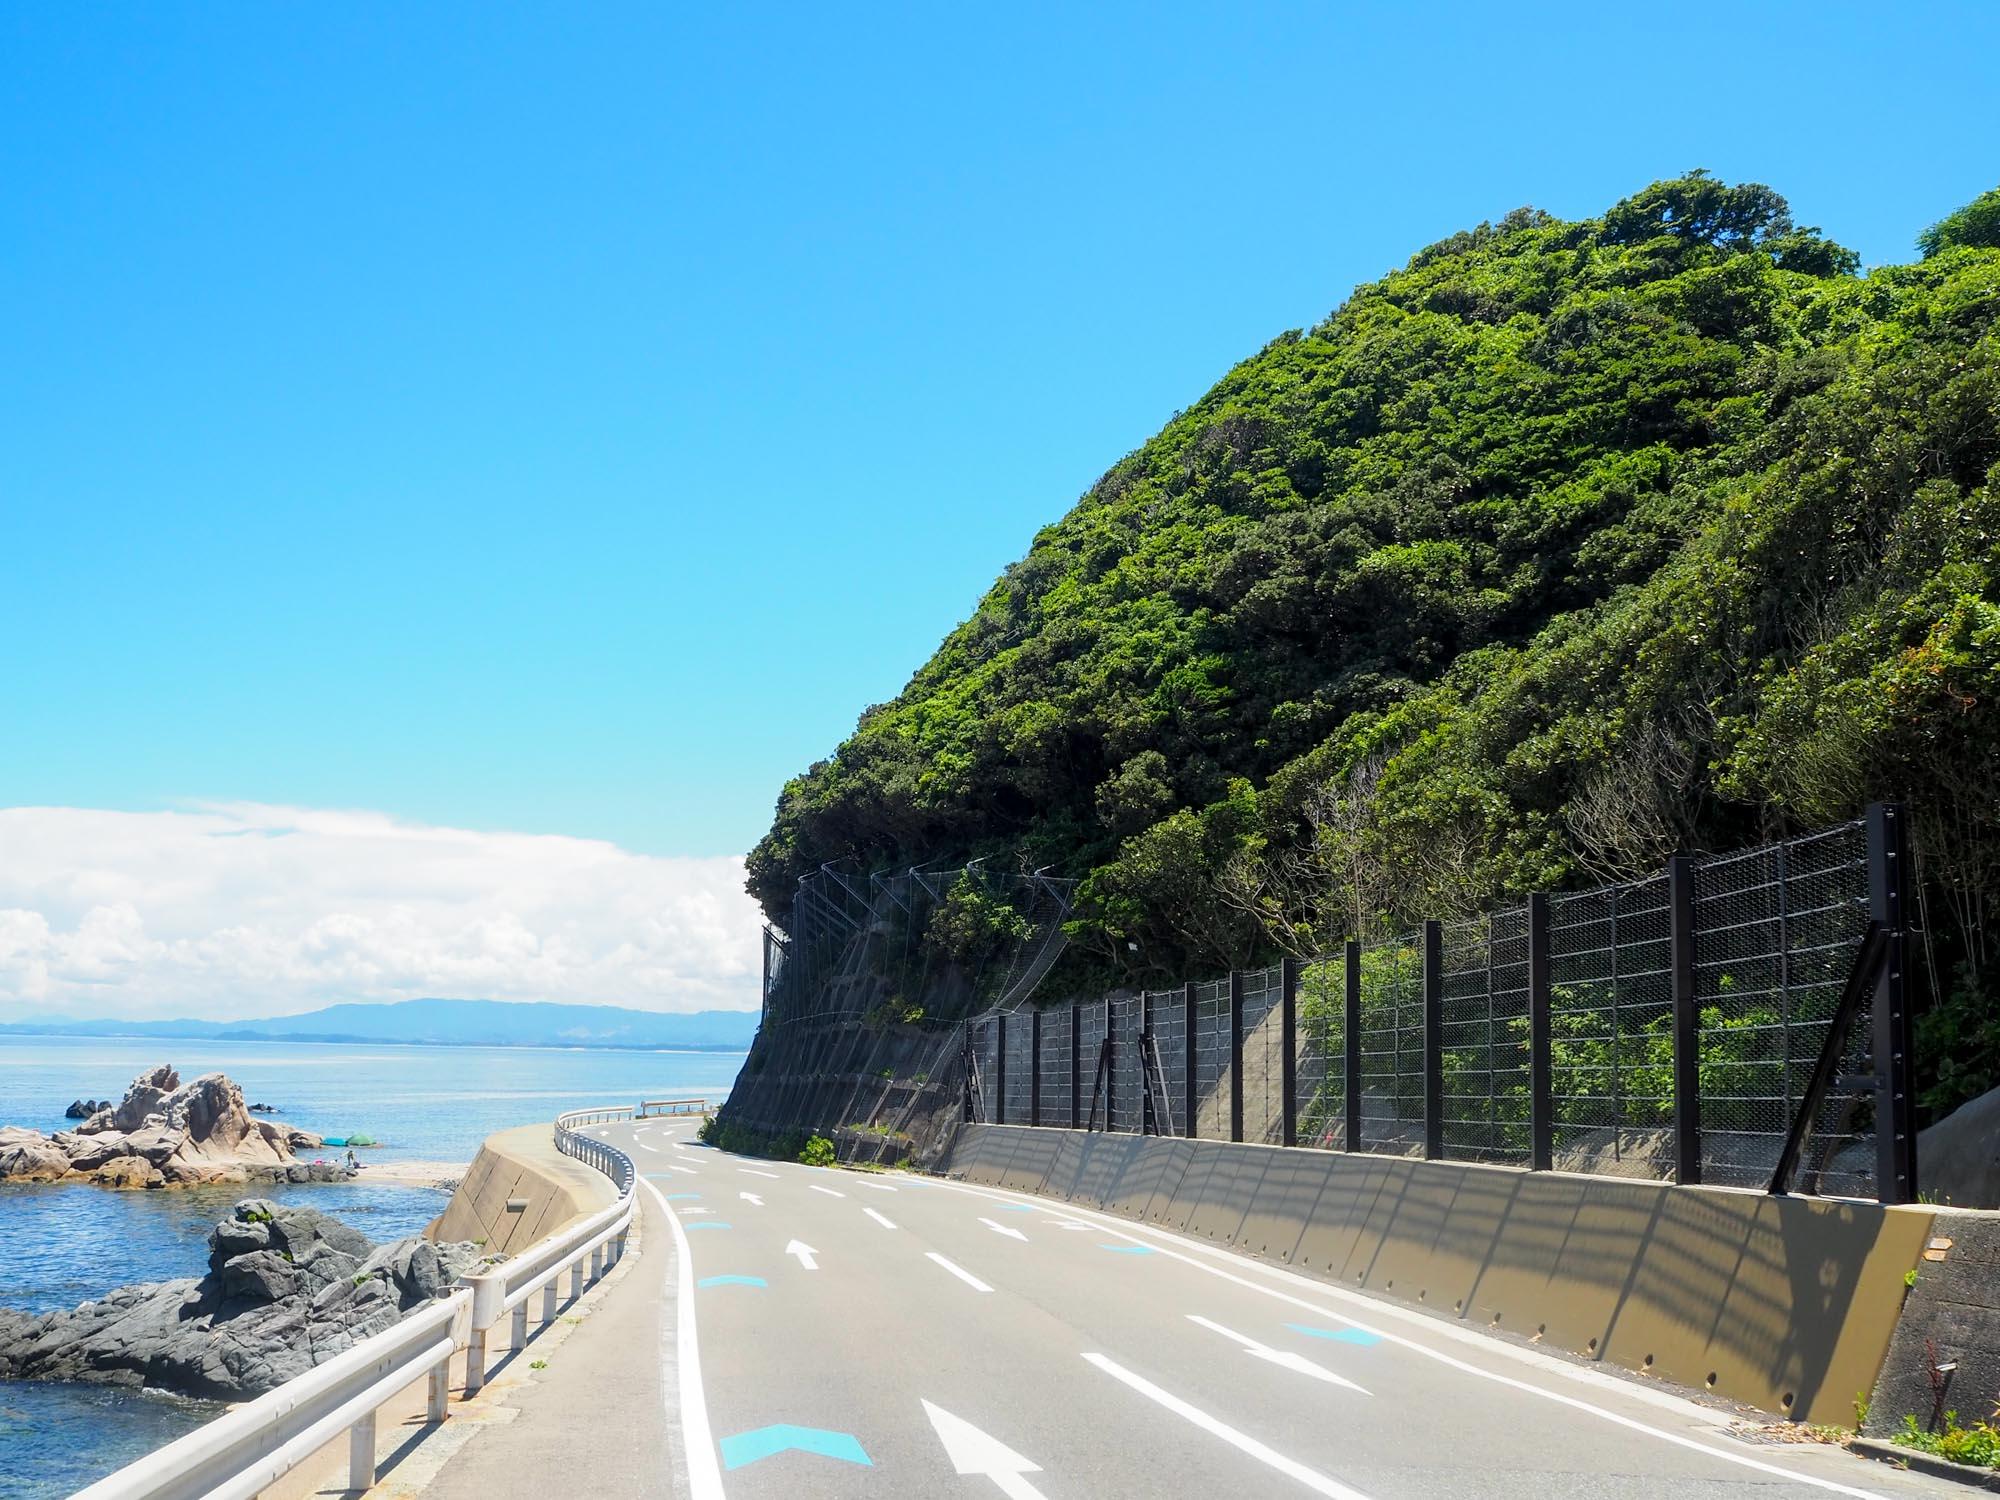 島の東側は岩がゴロゴロ。西側は博多湾、東側は玄界灘。2つの海の景色を楽しめるのも志賀島の醍醐味ですね。